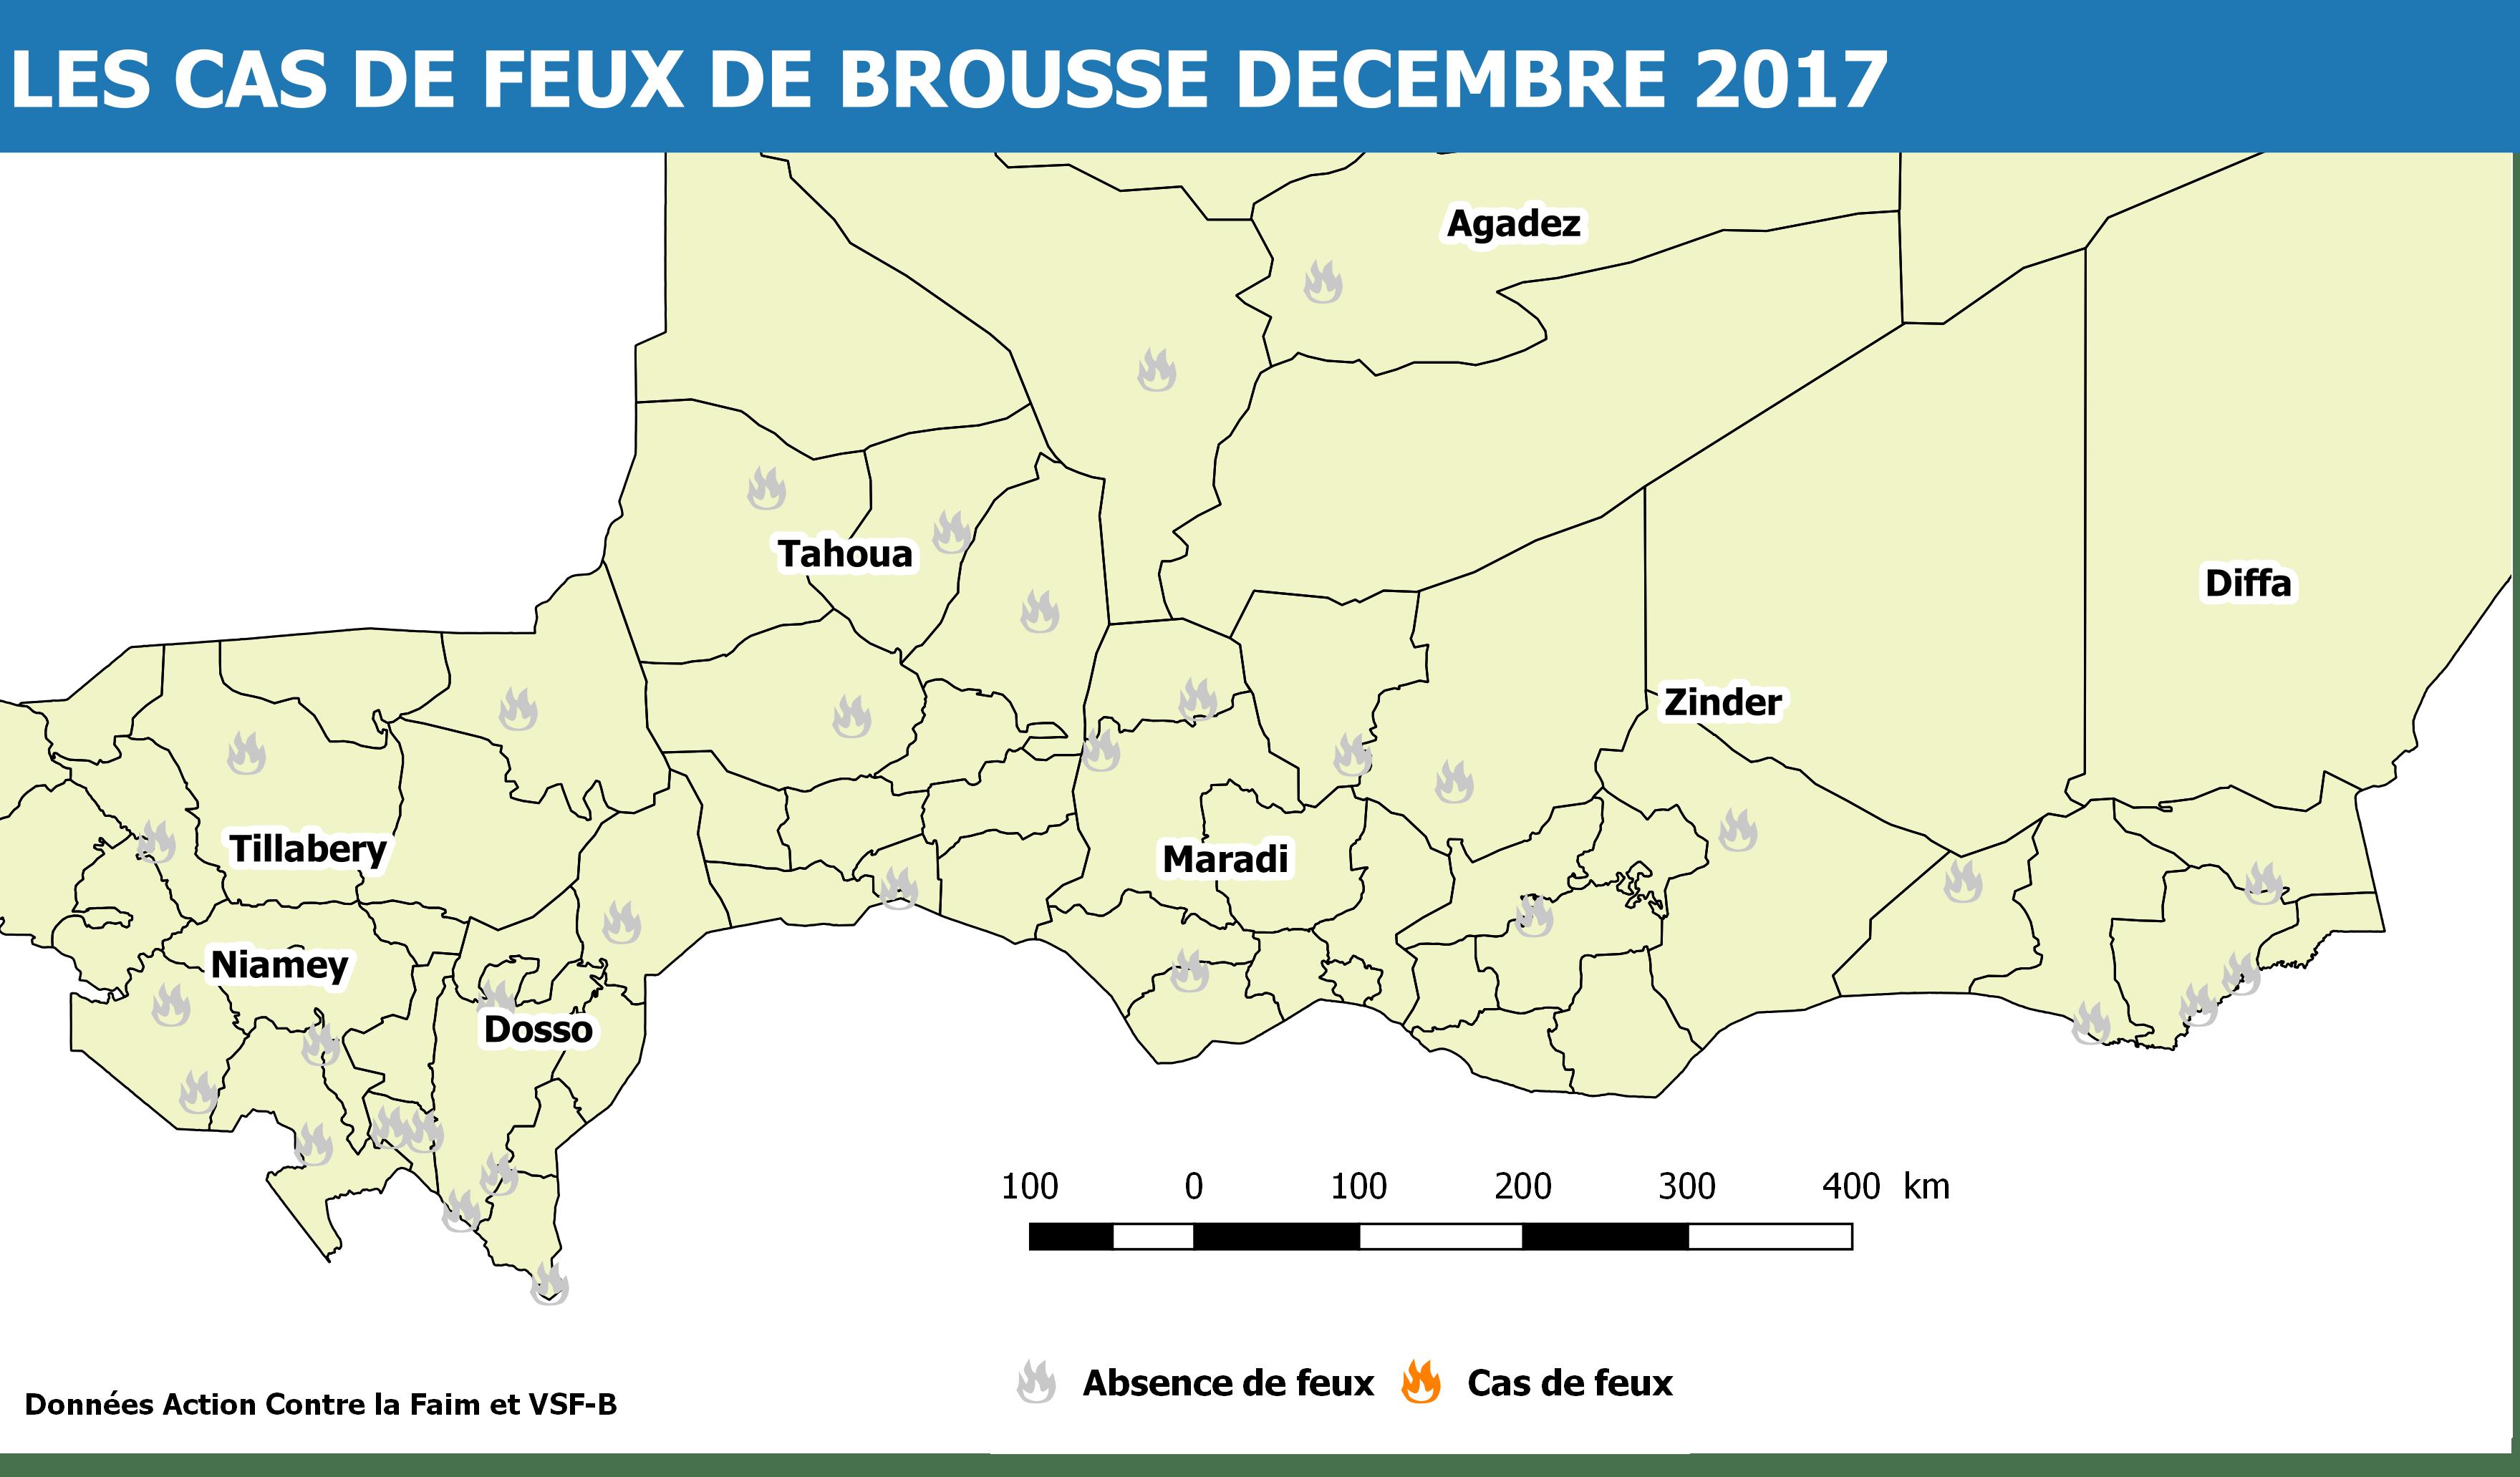 Présence de Feux de brousse Dec. 2017